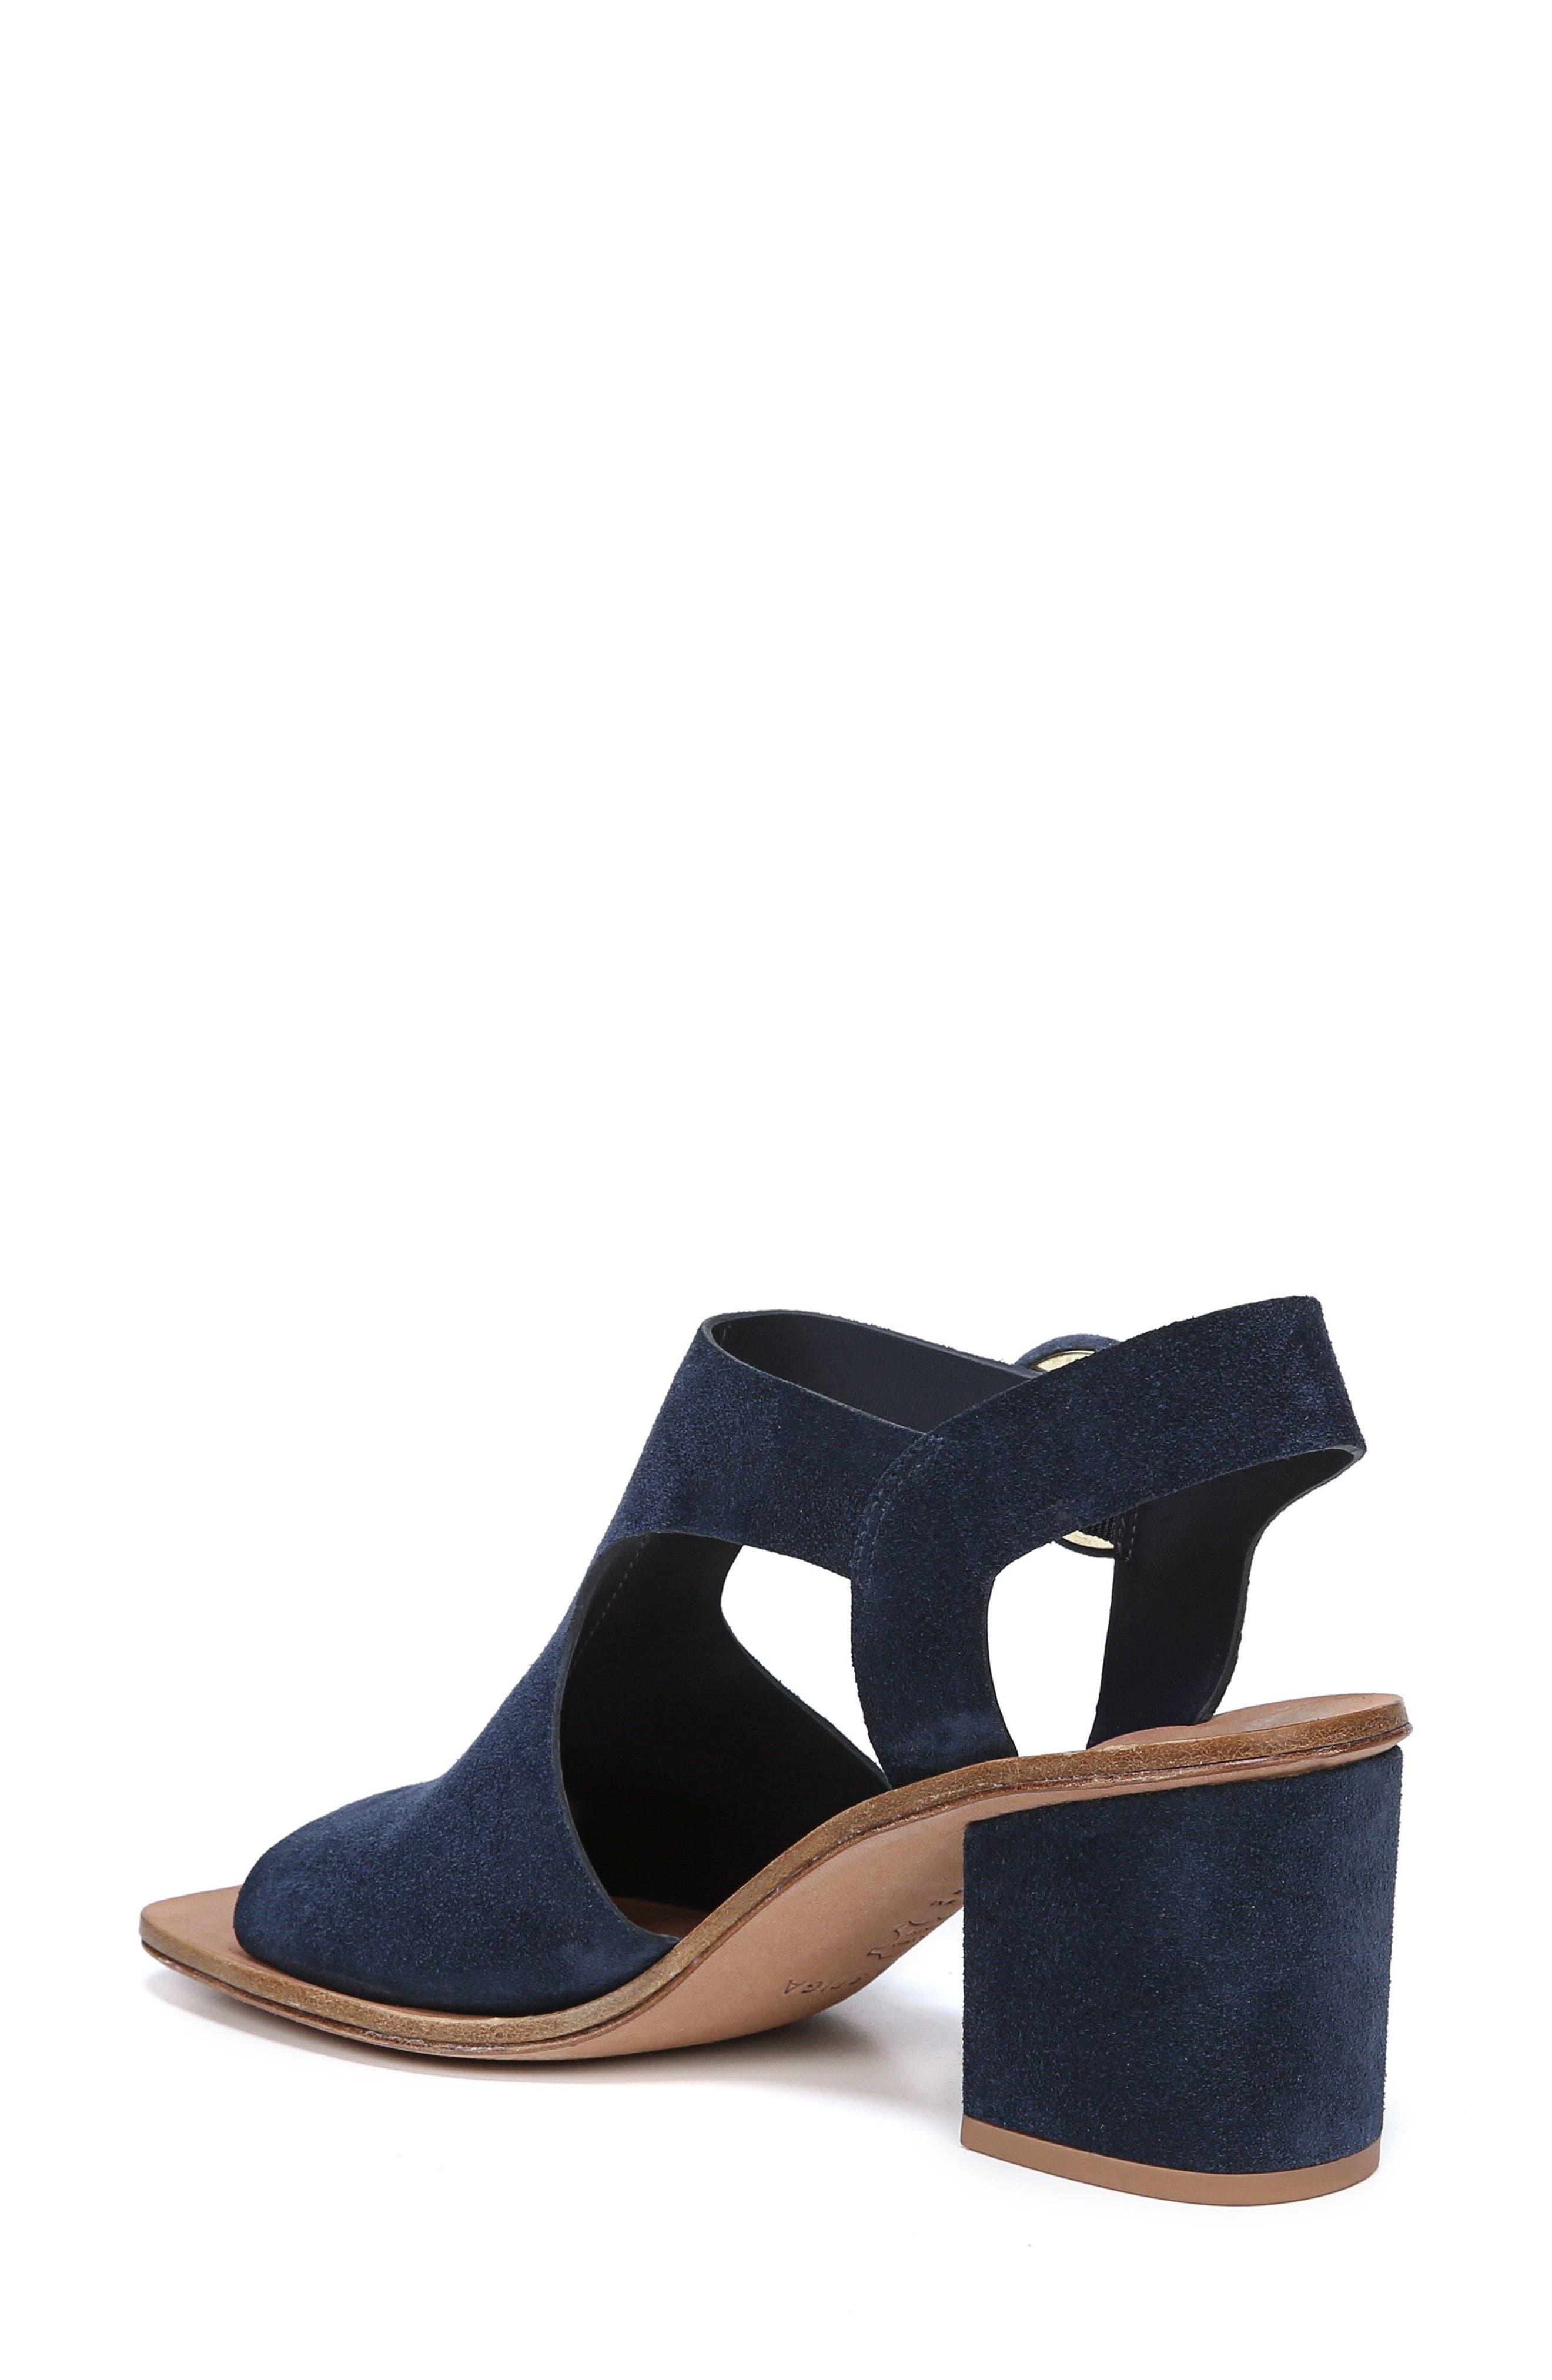 Katya Shield Sandal,                             Alternate thumbnail 6, color,